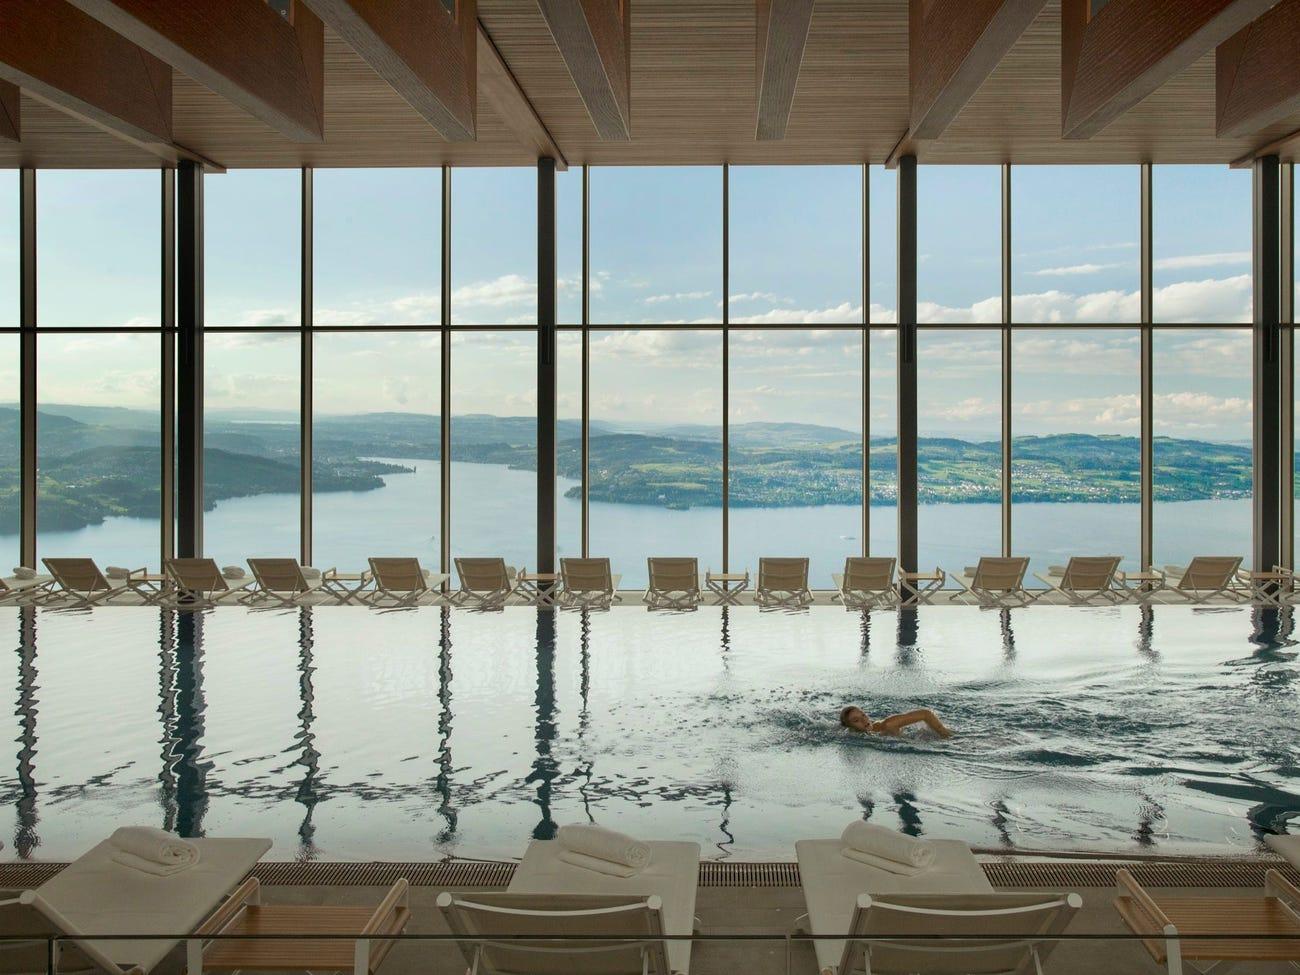 Khu spa trong resort rộng hơn 10.000 m2, bao gồm nhiều hồ bơi, phòng xông hơi ướt, khô và khu vực thư giãn. Hồ bơi trong nhà của resort được thiết kế khoáng đạt, nhìn ra toàn cảnh hồ Lucerne. Ngoài ra, resort còn có một bể bơi vô cực ngoài trời. Ảnh: Bürgenstock Hotels AG